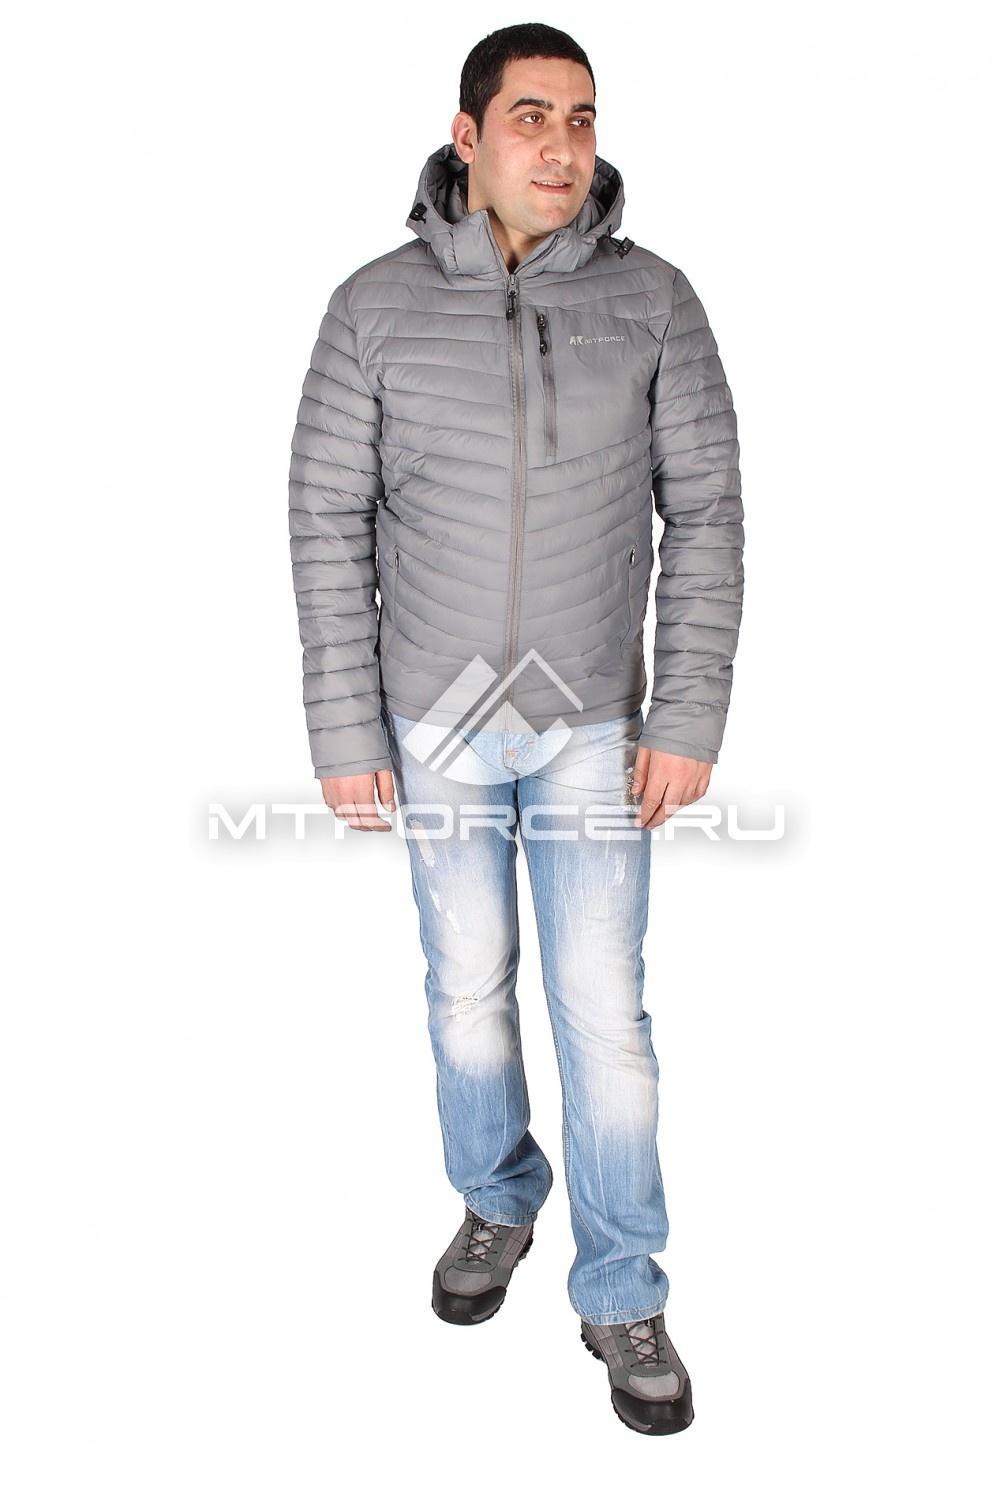 Купить                                  оптом Куртка мужская стеганная серого цвета 1606Sr